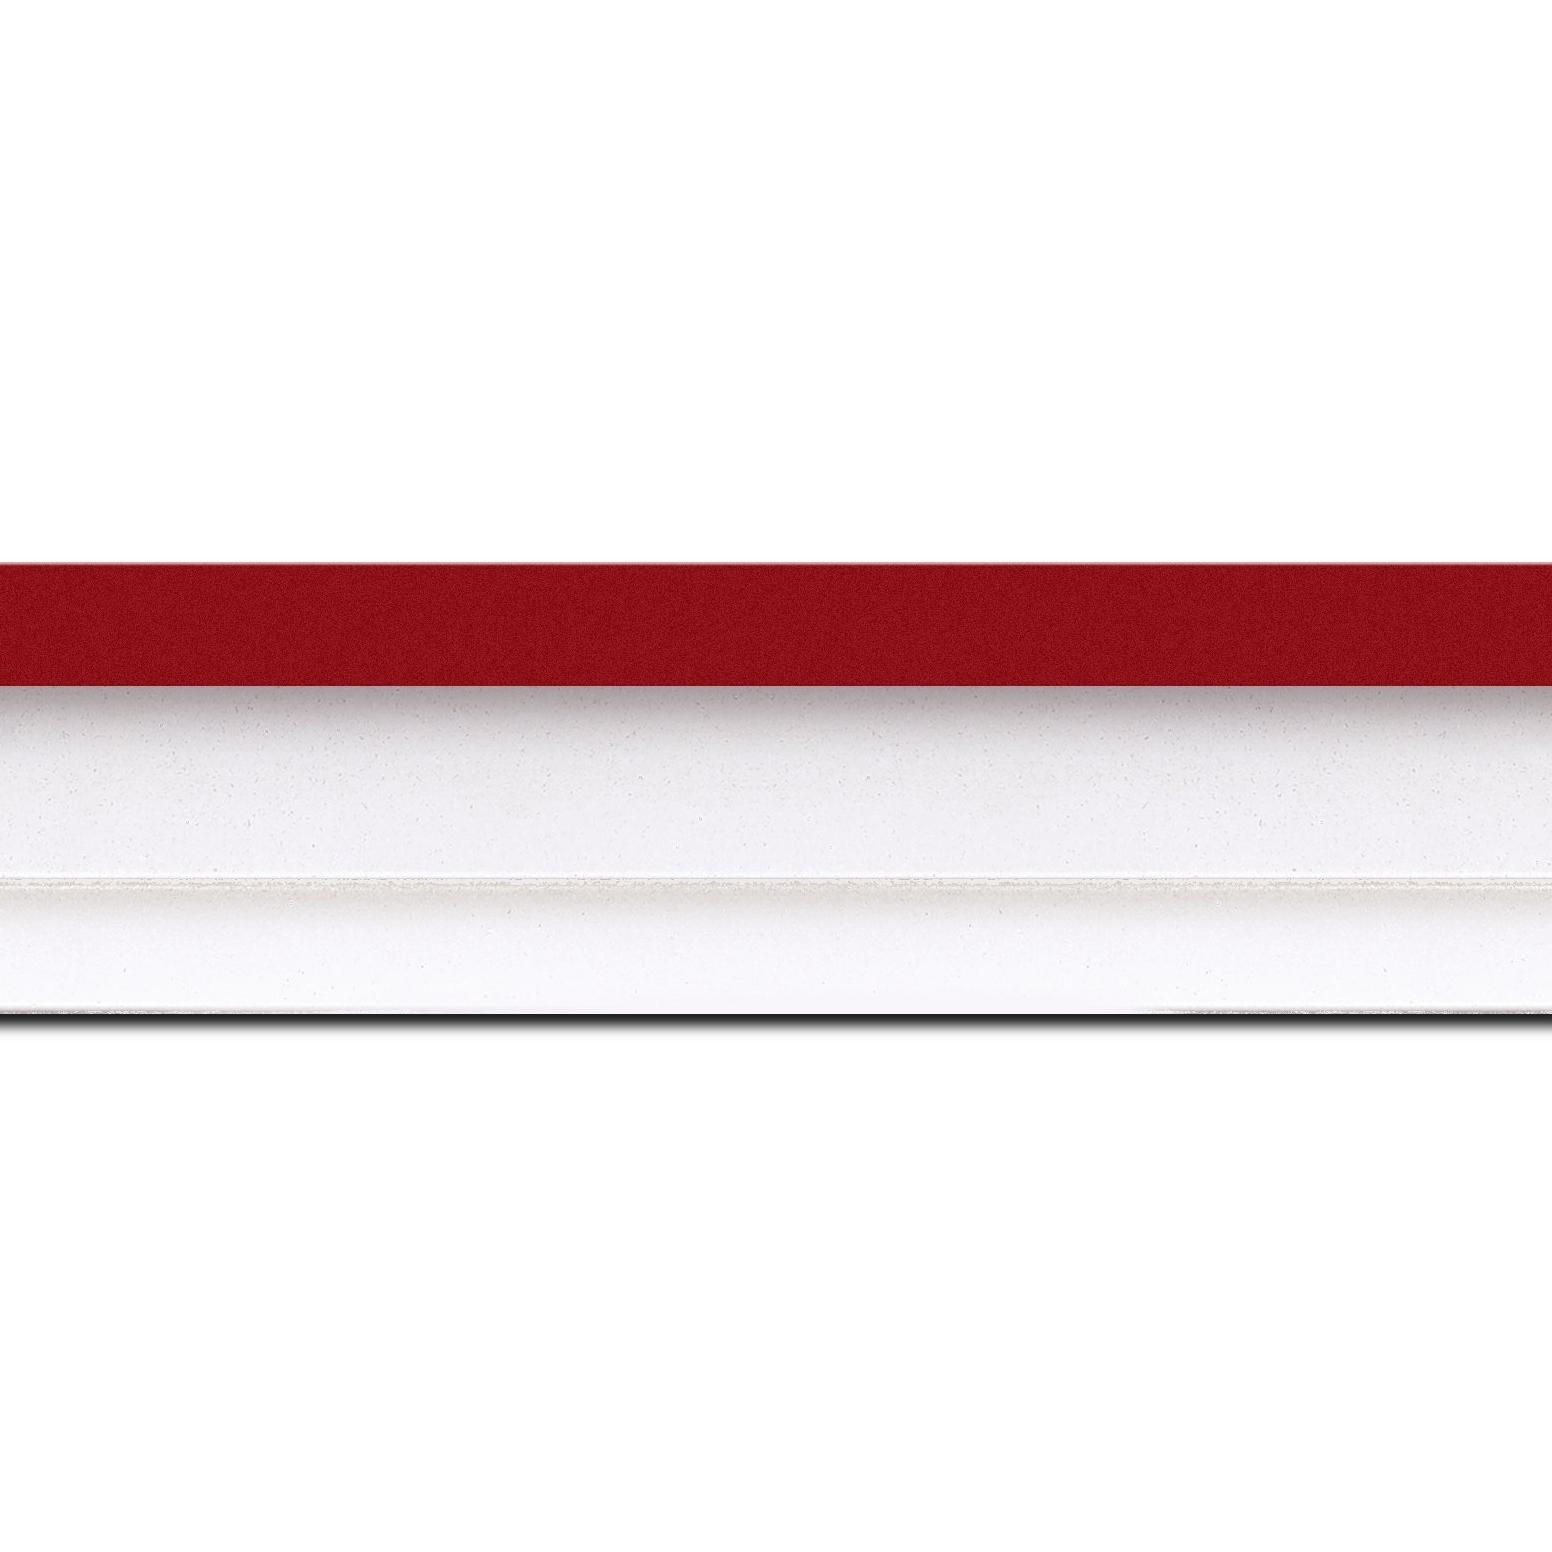 Pack par 12m, bois caisse américaine profil escalier largeur 4.4cm blanc mat filet rouge (spécialement conçu pour les châssis d'une épaisseur jusqu'à 2.5cm )(longueur baguette pouvant varier entre 2.40m et 3m selon arrivage des bois)